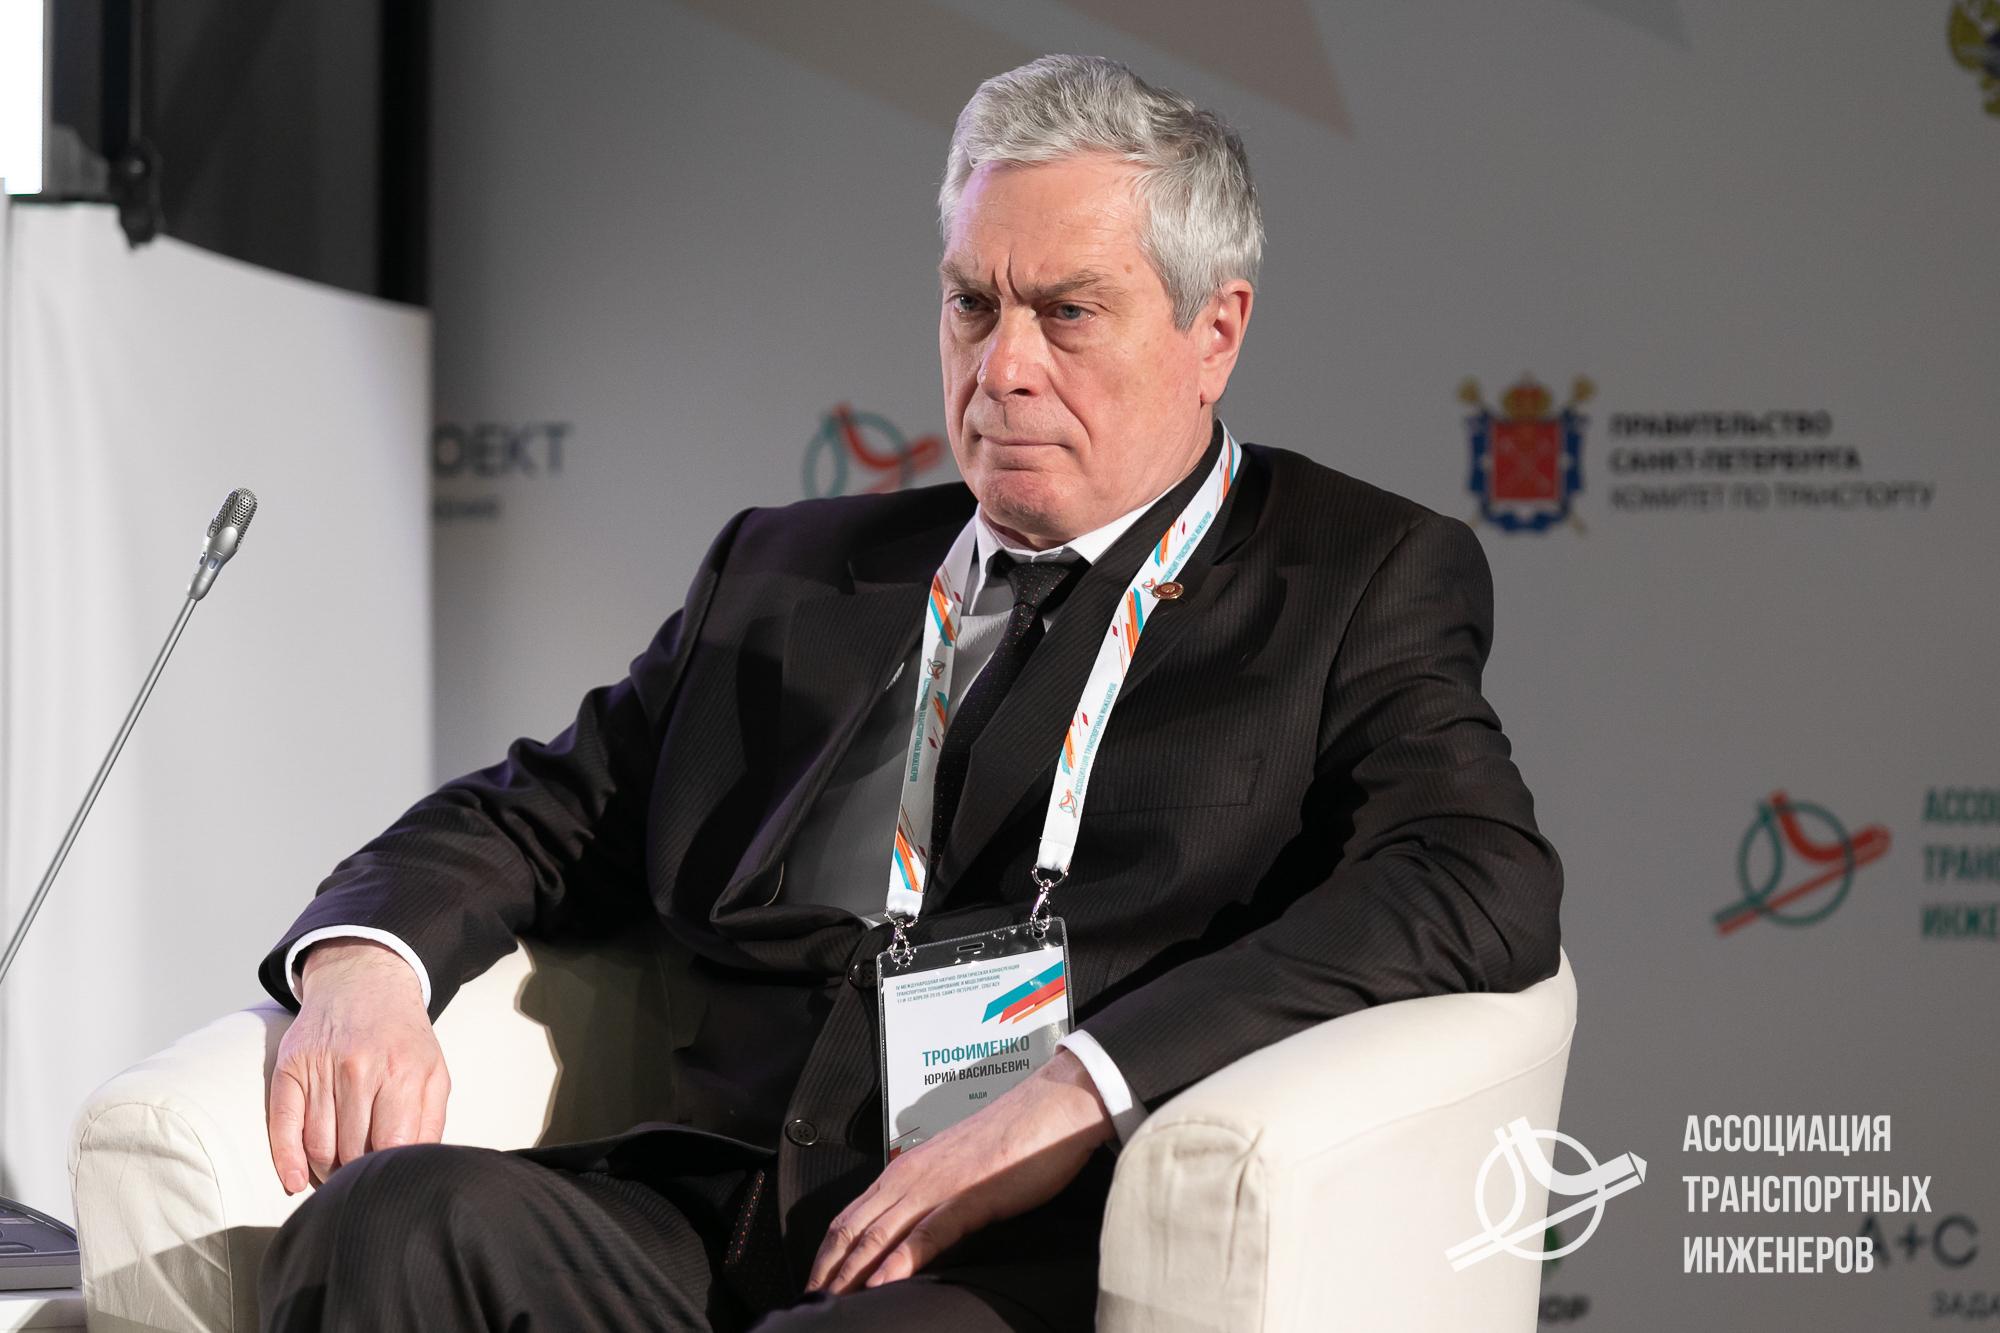 Конференция ТПиМ, 11 апреля 2019 (228)